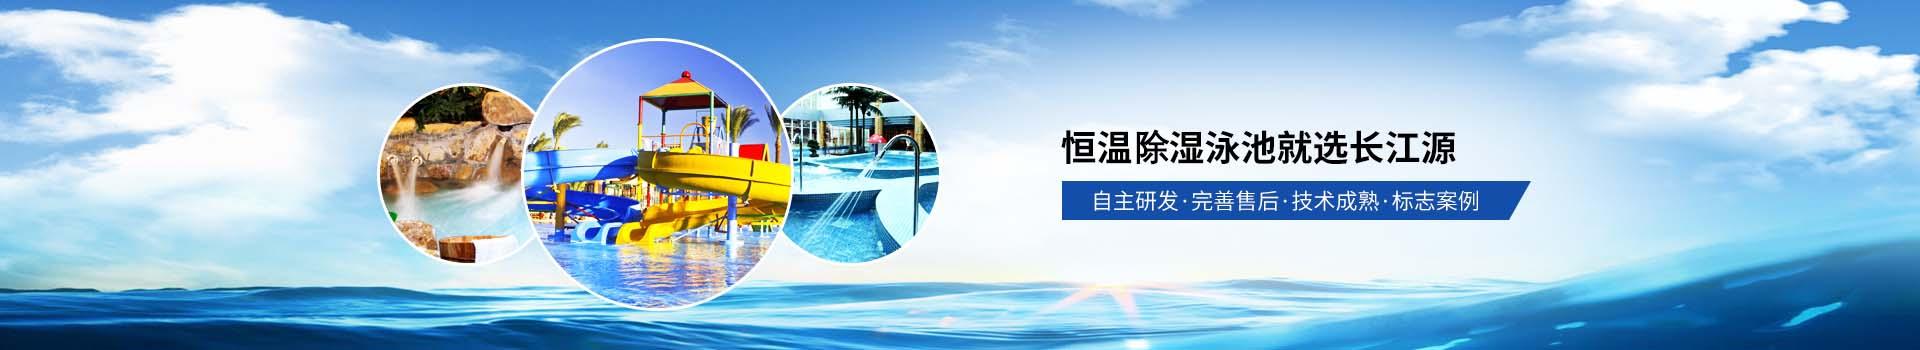 南宁长江源-恒温恒湿泳池就选长江源